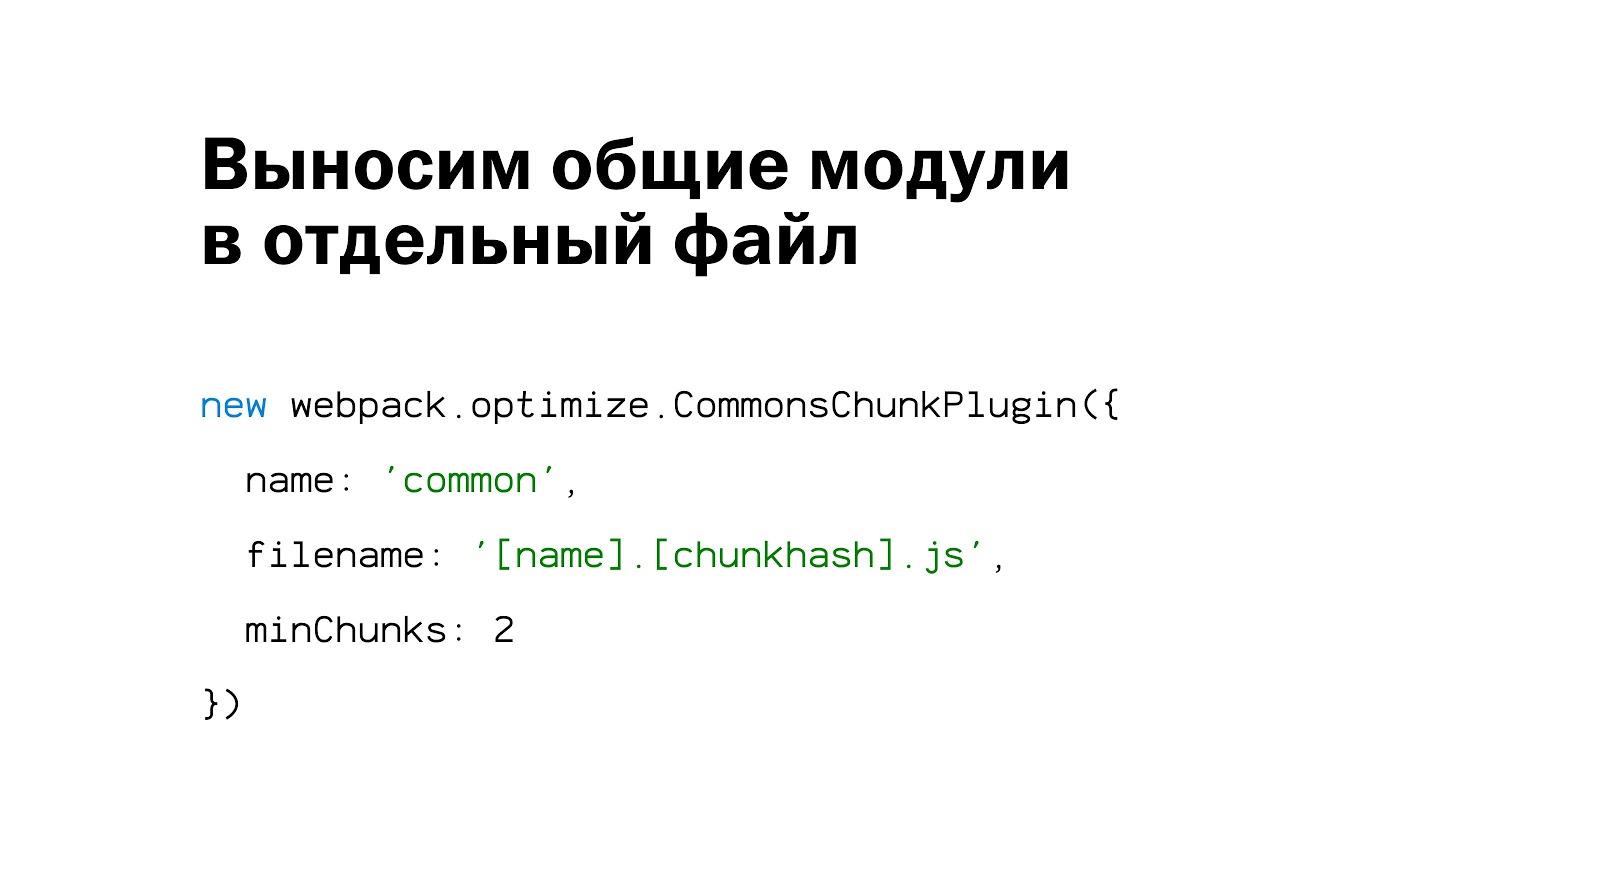 Внутреннее устройство и оптимизация бандла webpack - 39